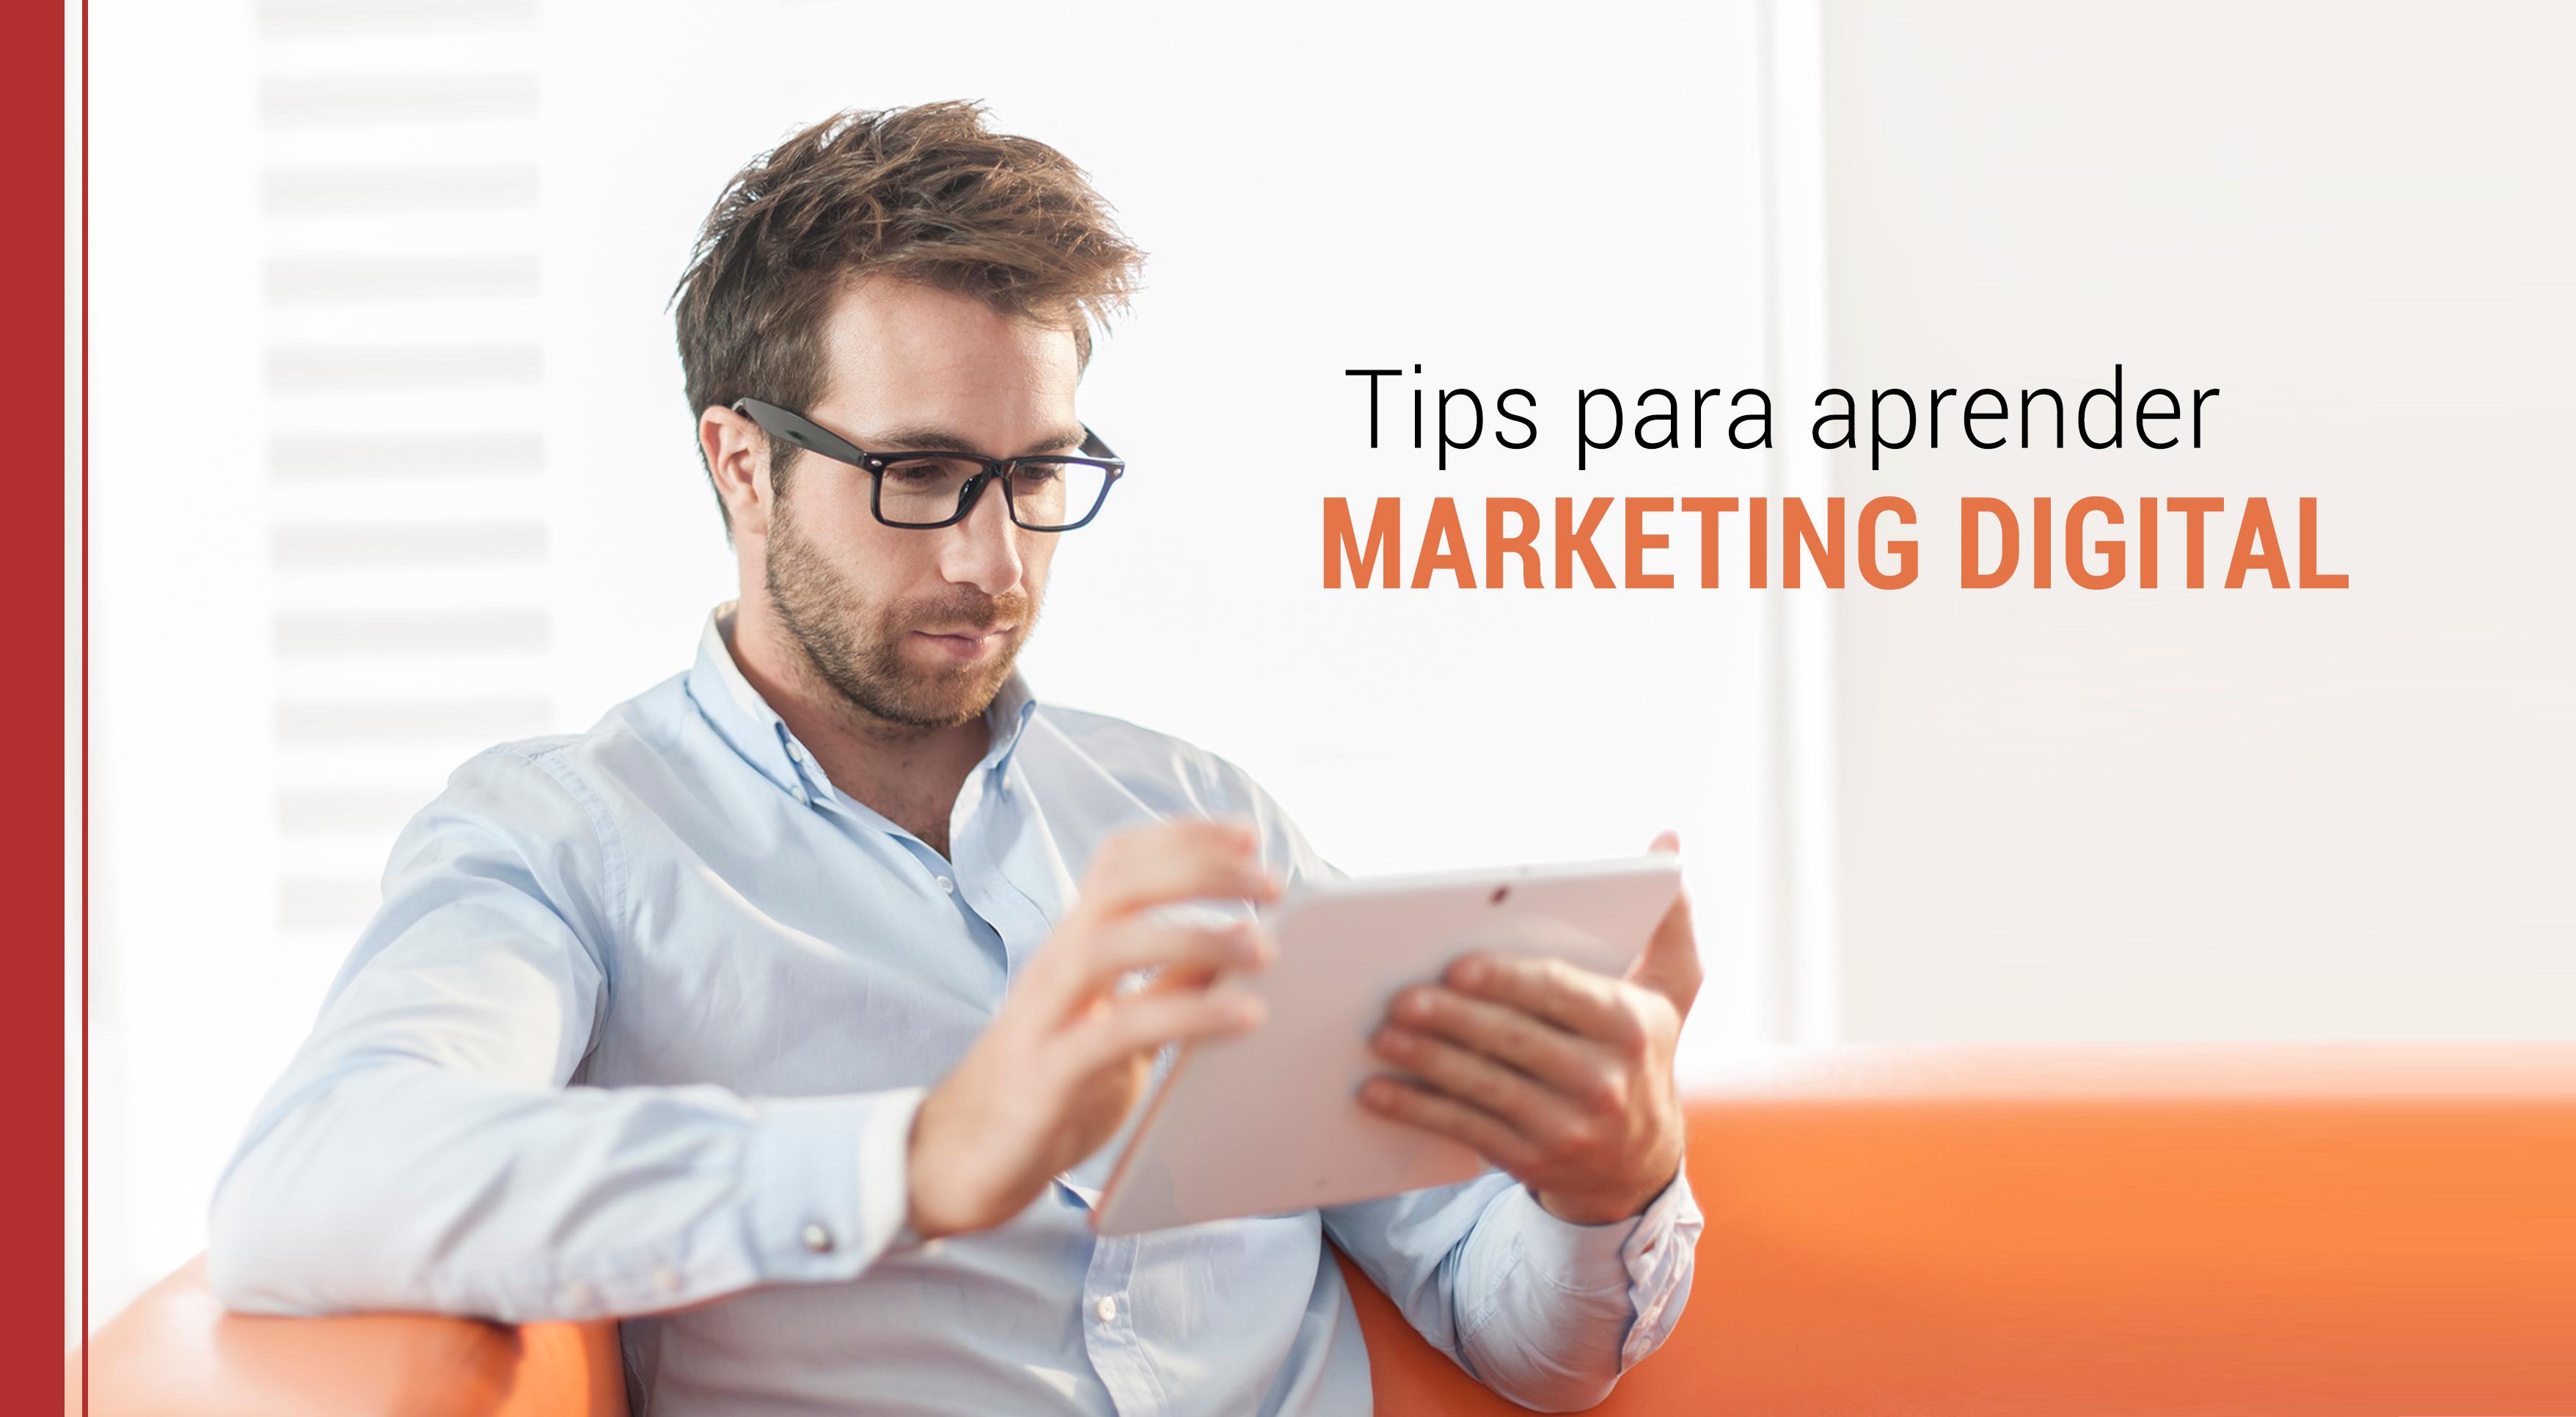 tips para aprender sobre marketing digital